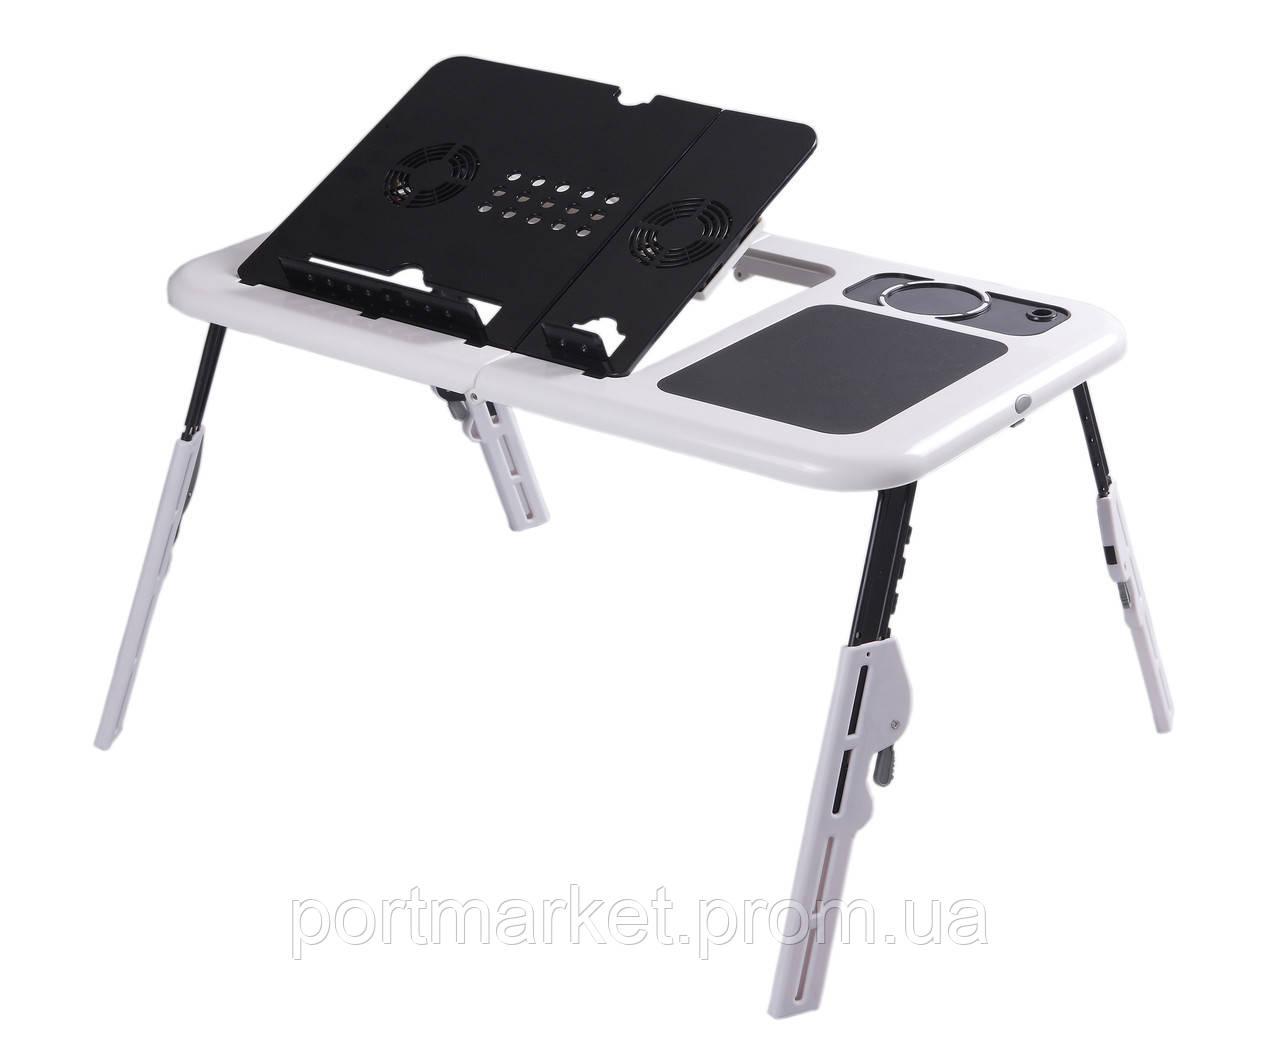 Столик раскладной для ноутбука с кулерами E-Table LD 09